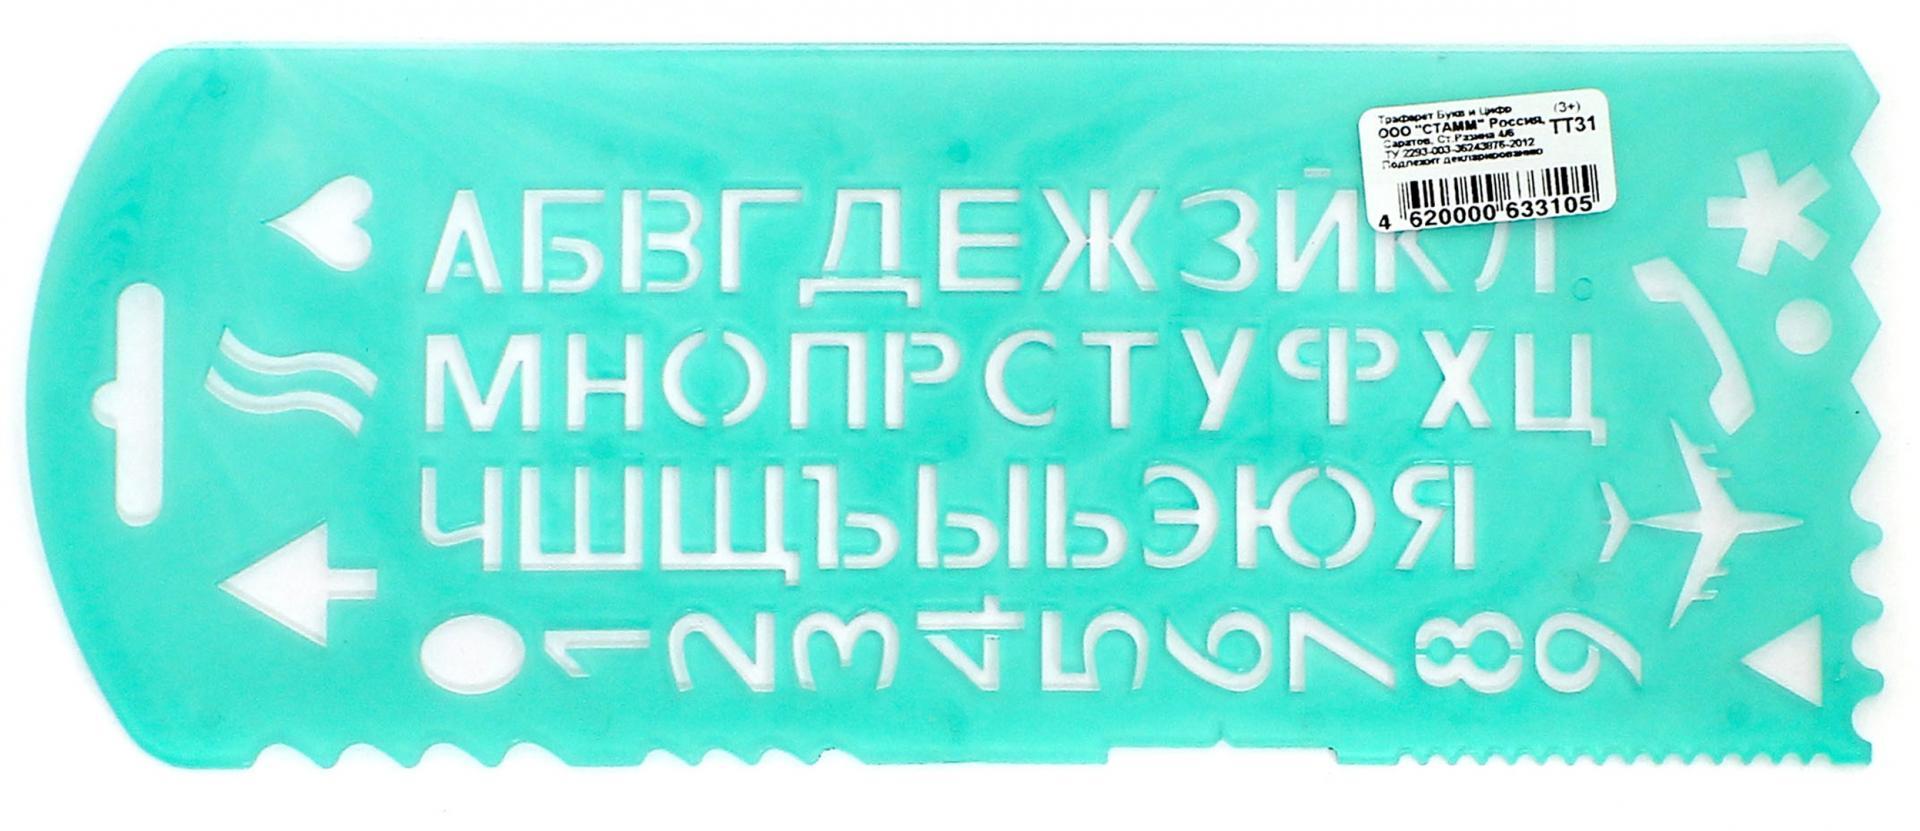 Иллюстрация 1 из 4 для Трафарет букв и цифр №13 с символами (в ассортименте) (ТТ31) | Лабиринт - канцтовы. Источник: Лабиринт